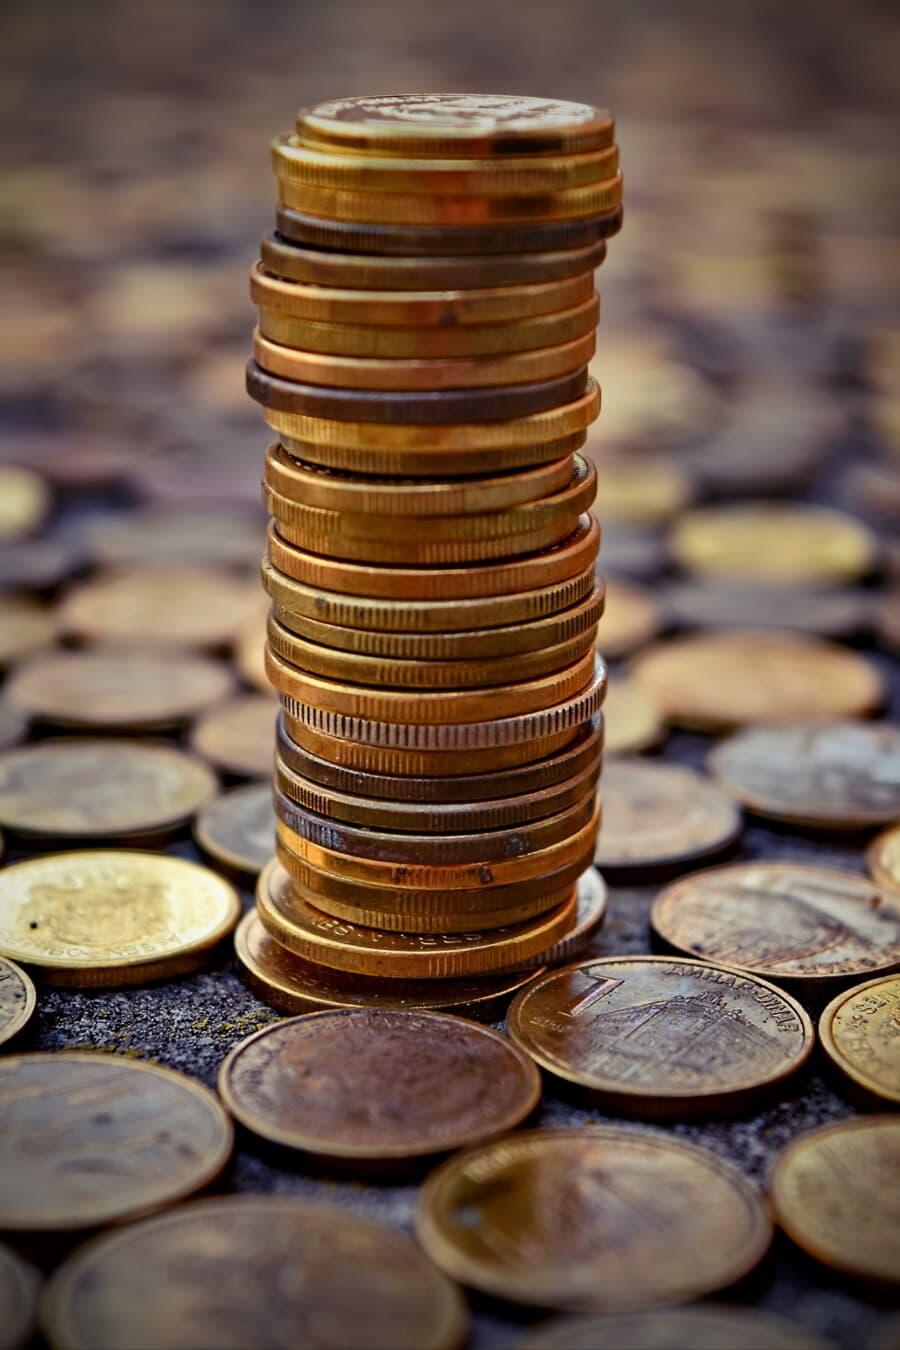 Münzen, Metall, Stapel, Geld, reiche, Fortune, Pfennig, Investition, wirtschaftliches Wachstum, Bargeld